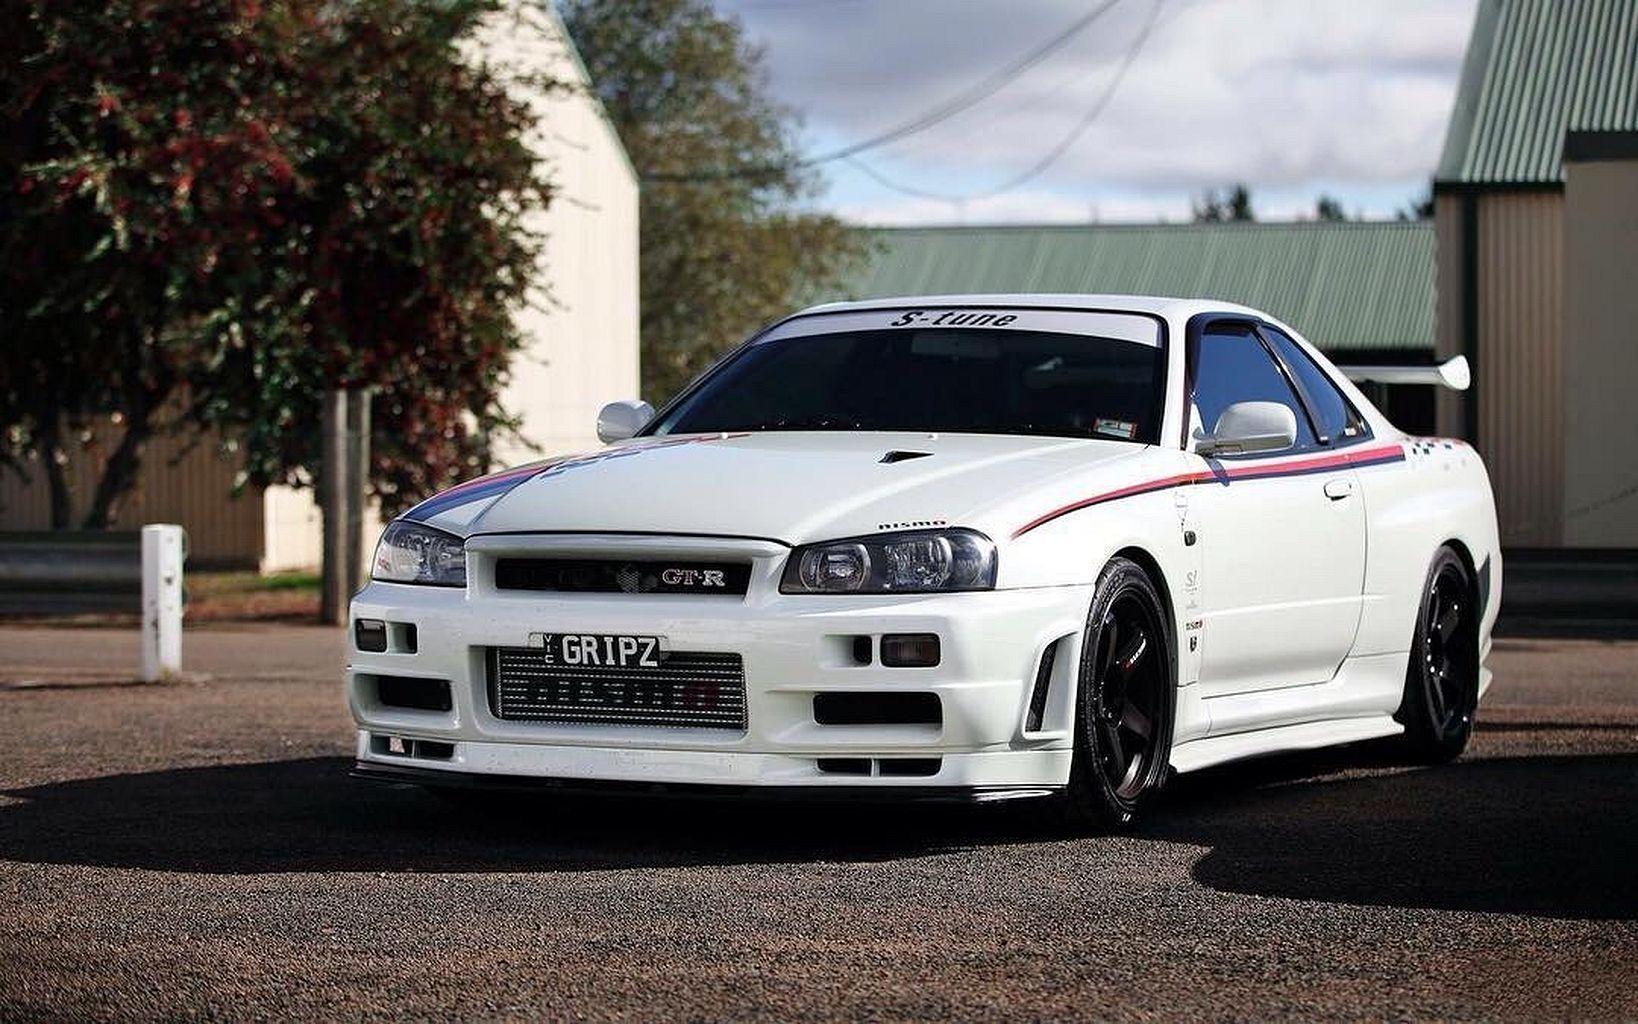 Nissan Skyline GTR R34 Fast And Furious Awesome   Gtr r34, Skyline ...